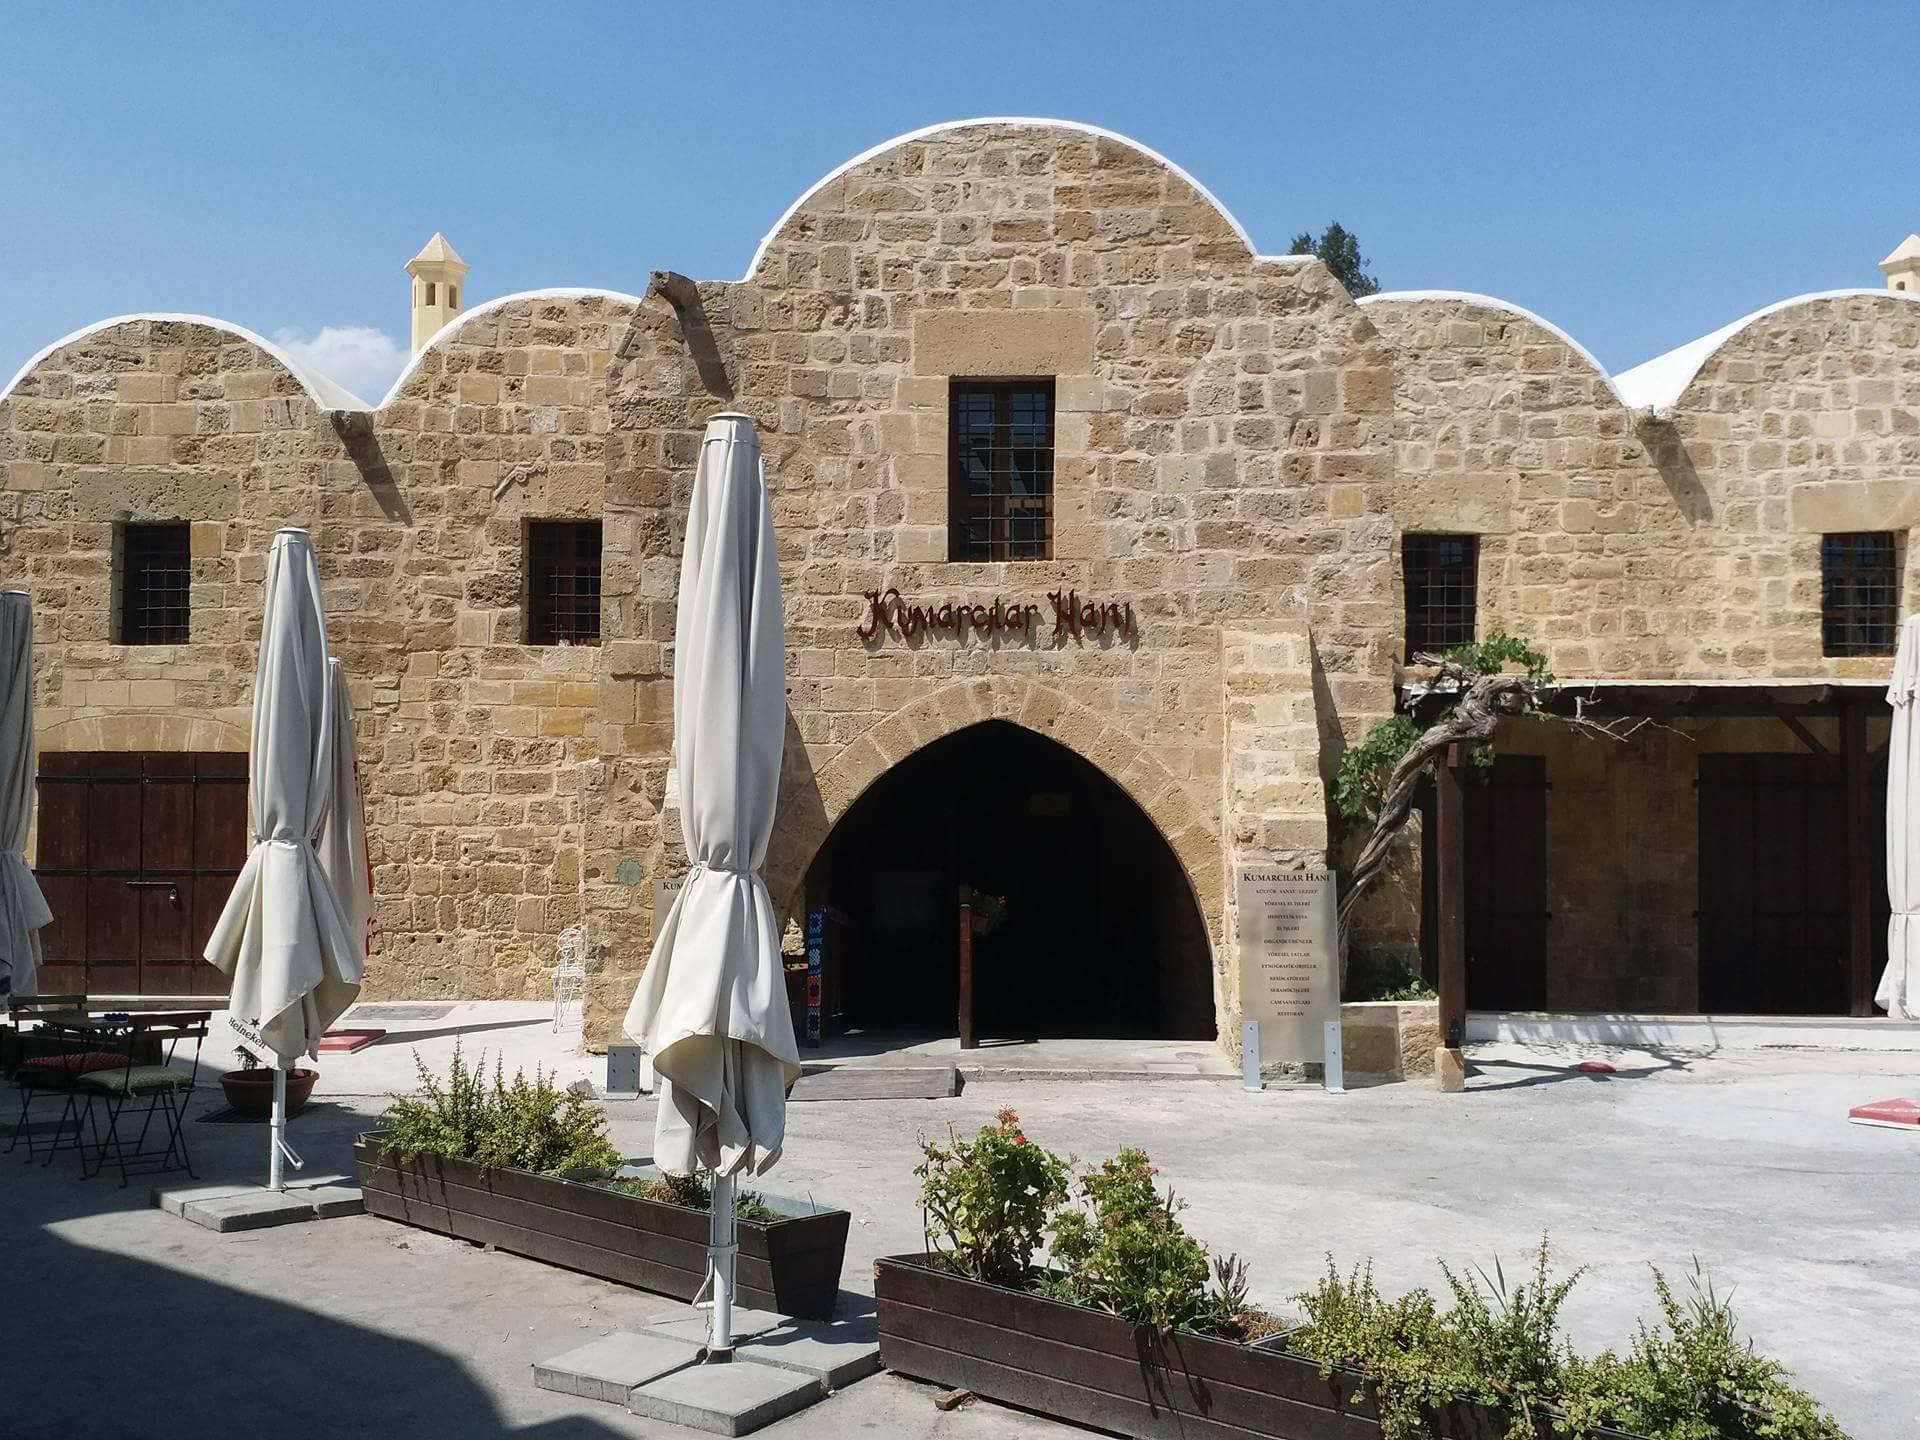 Mekhan Nicosia